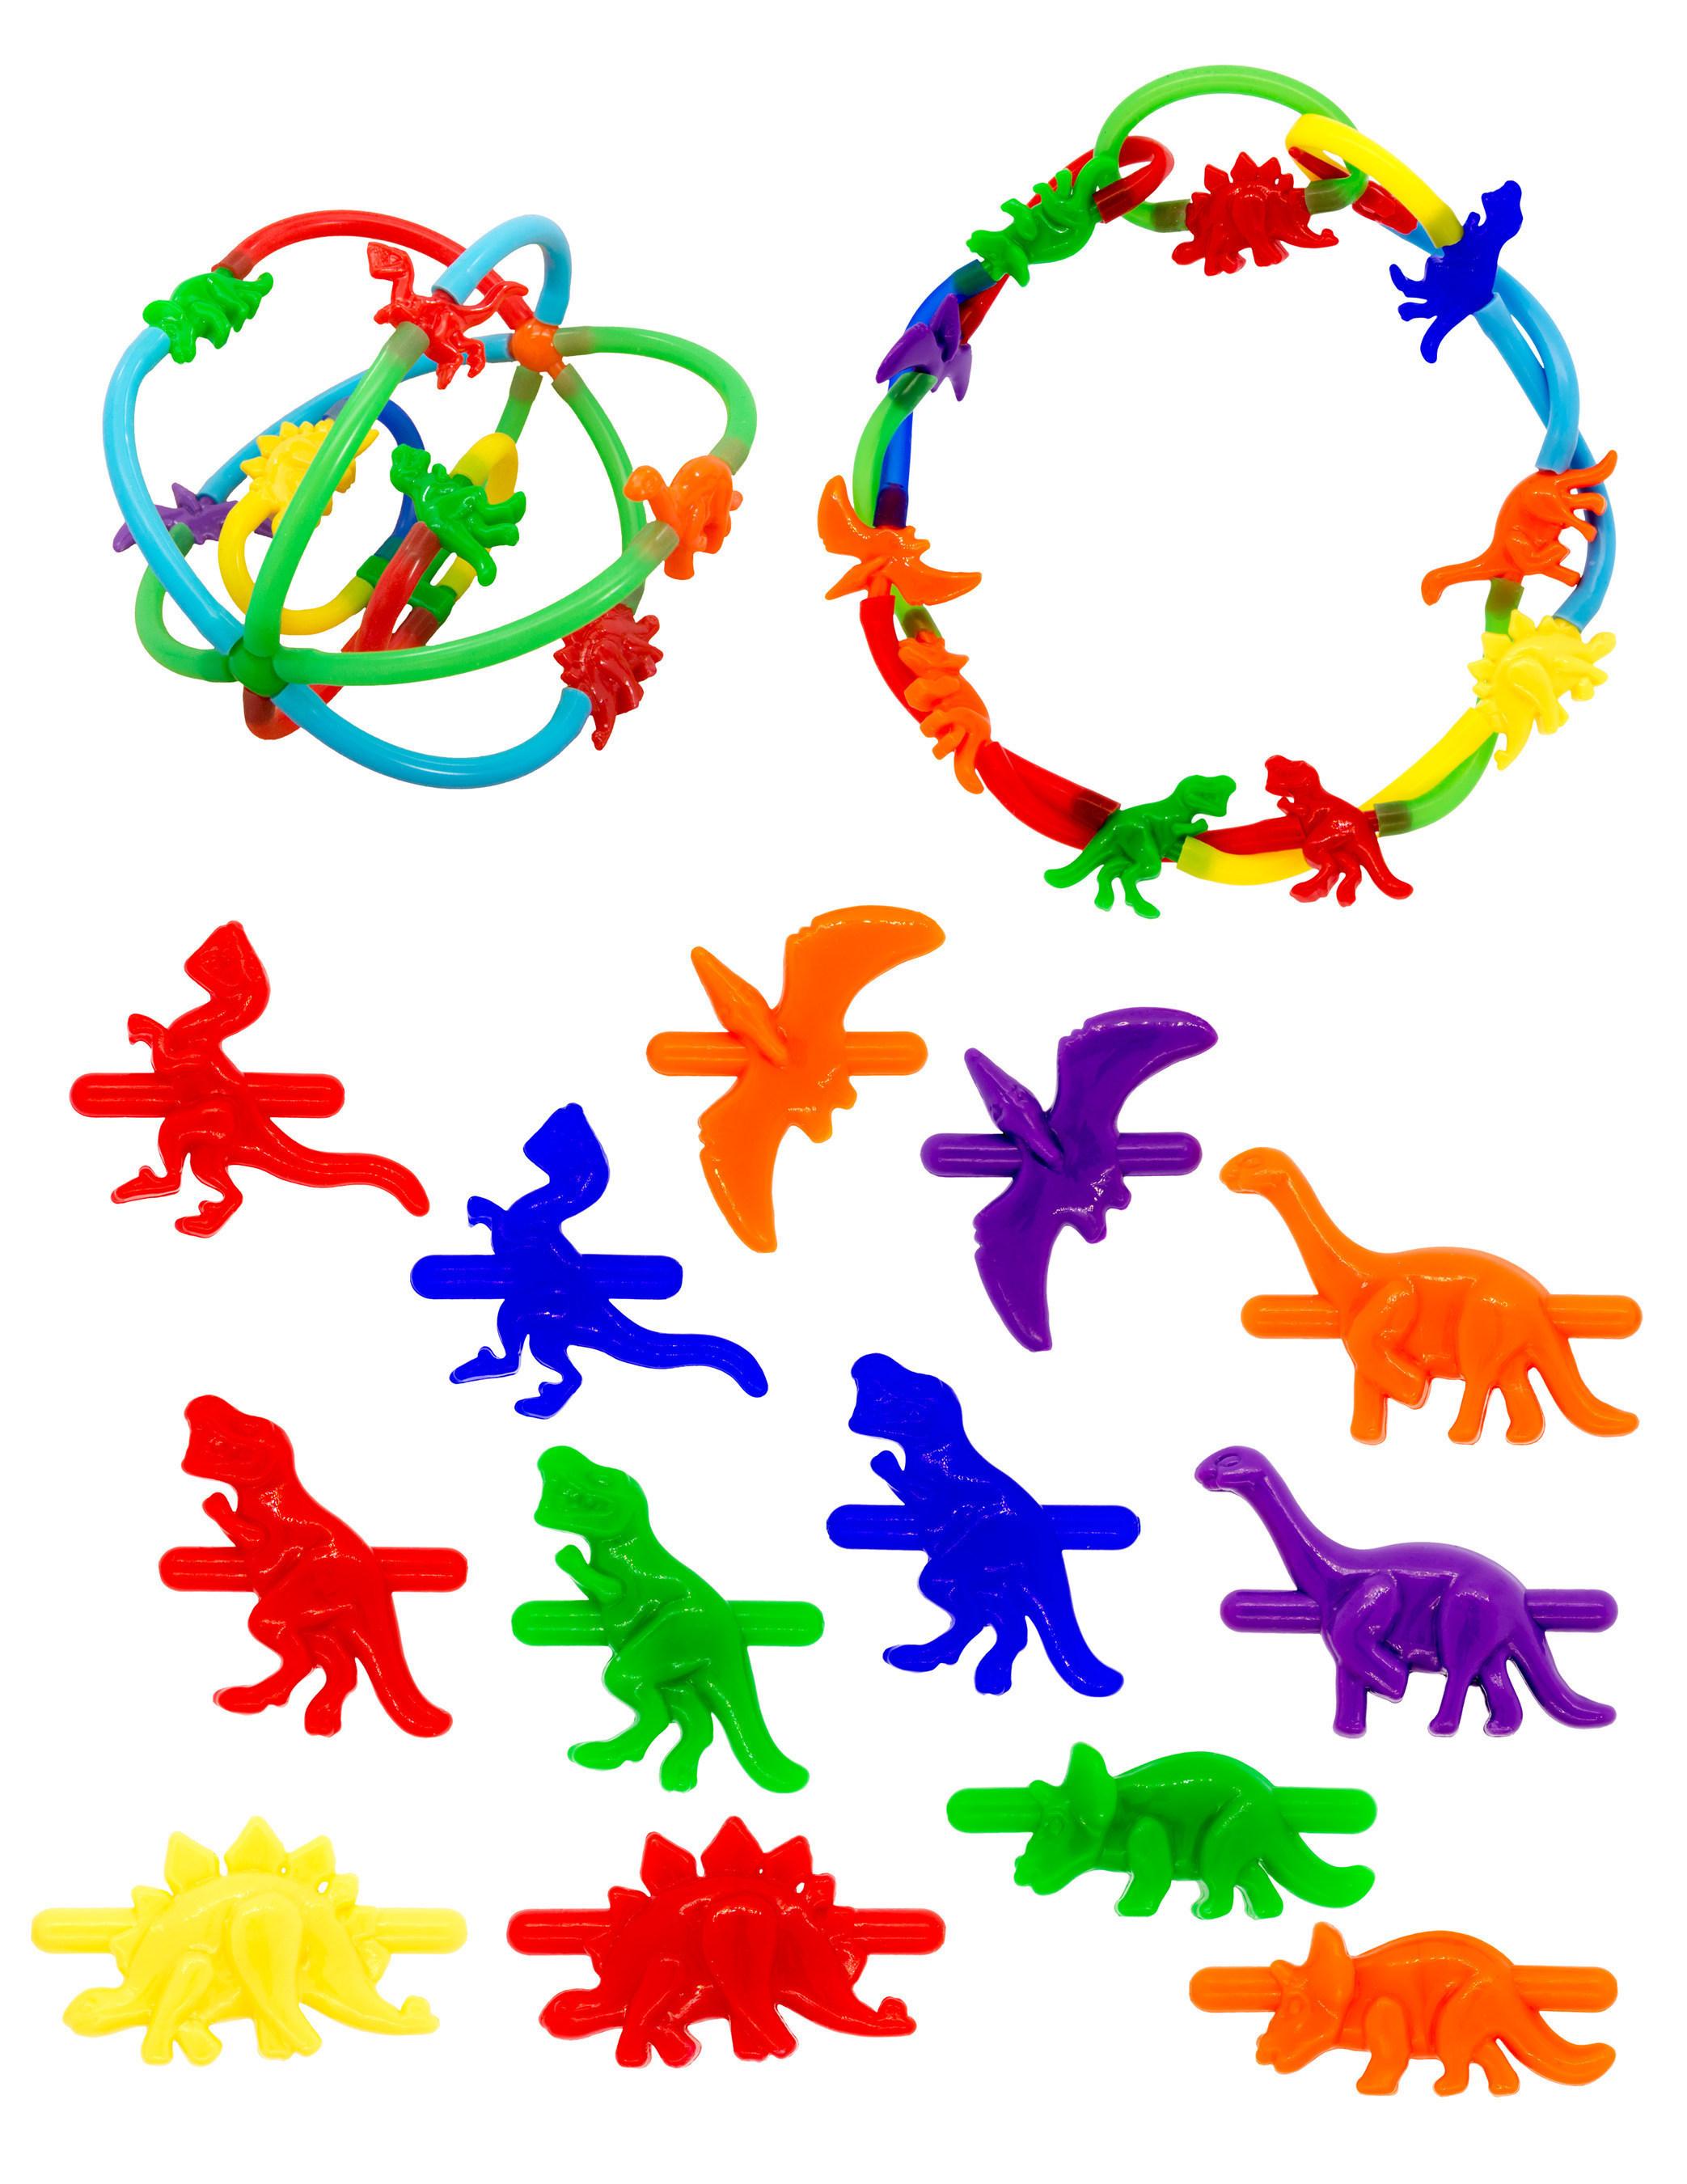 Dinosaur Fun with Wacky Links!